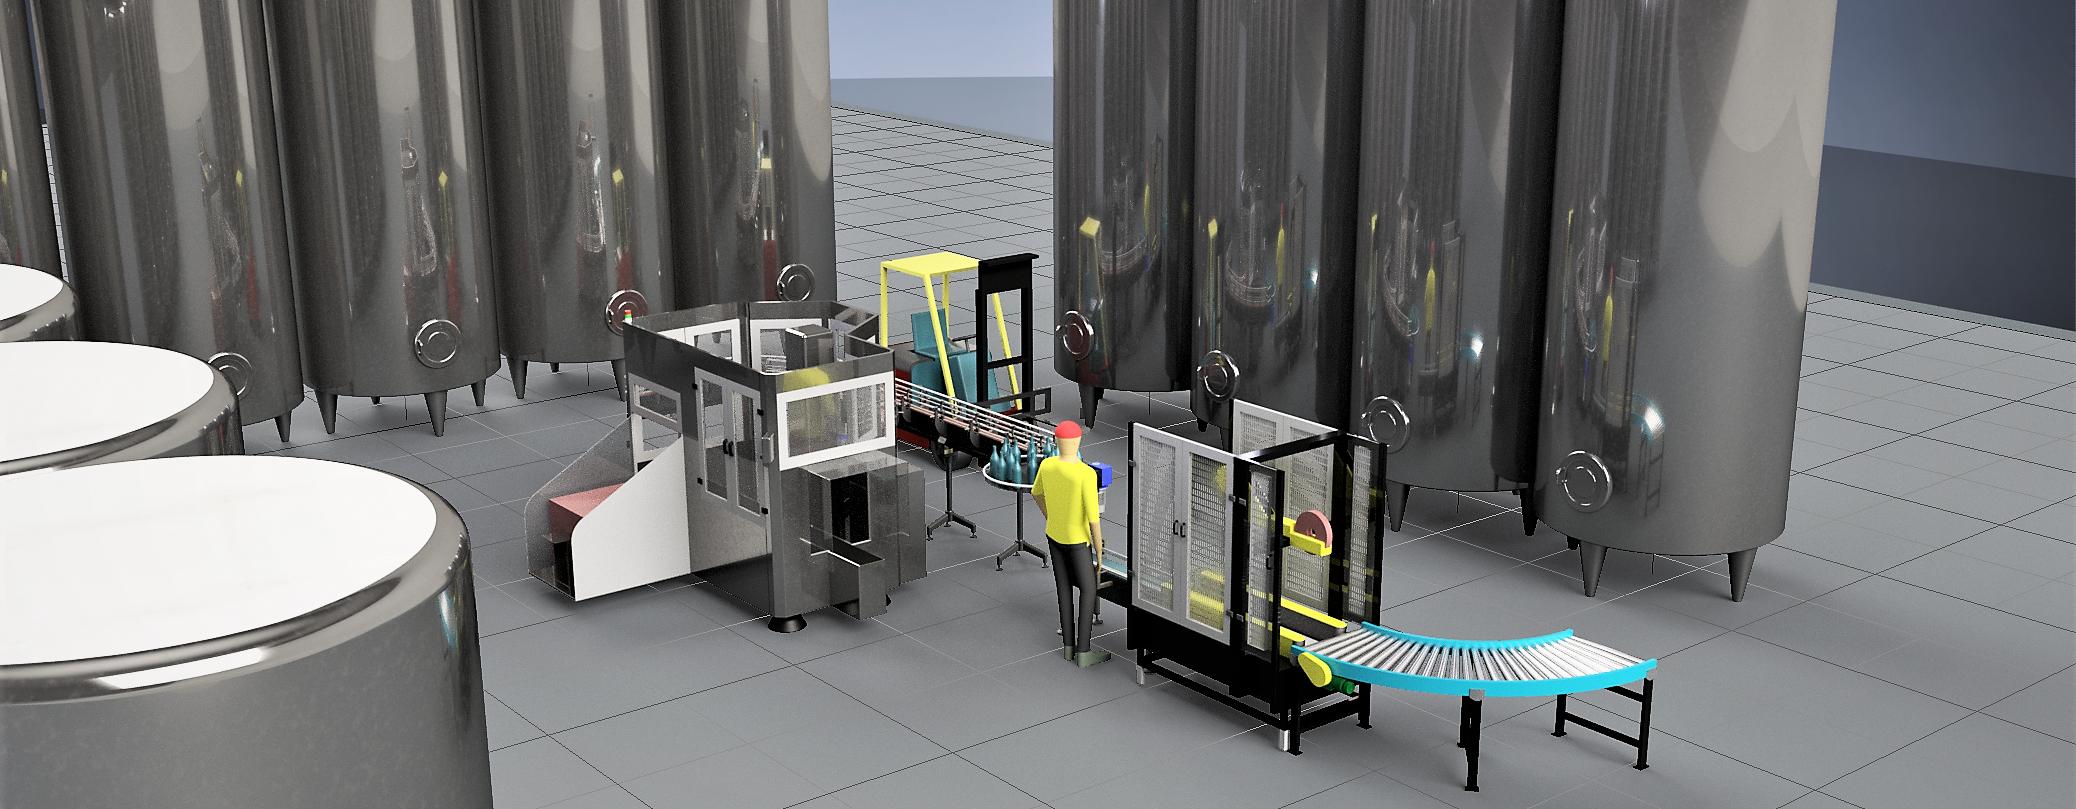 Industria 4.0 - Cantina 4.0 - Linea Imbottigliamento - Vino